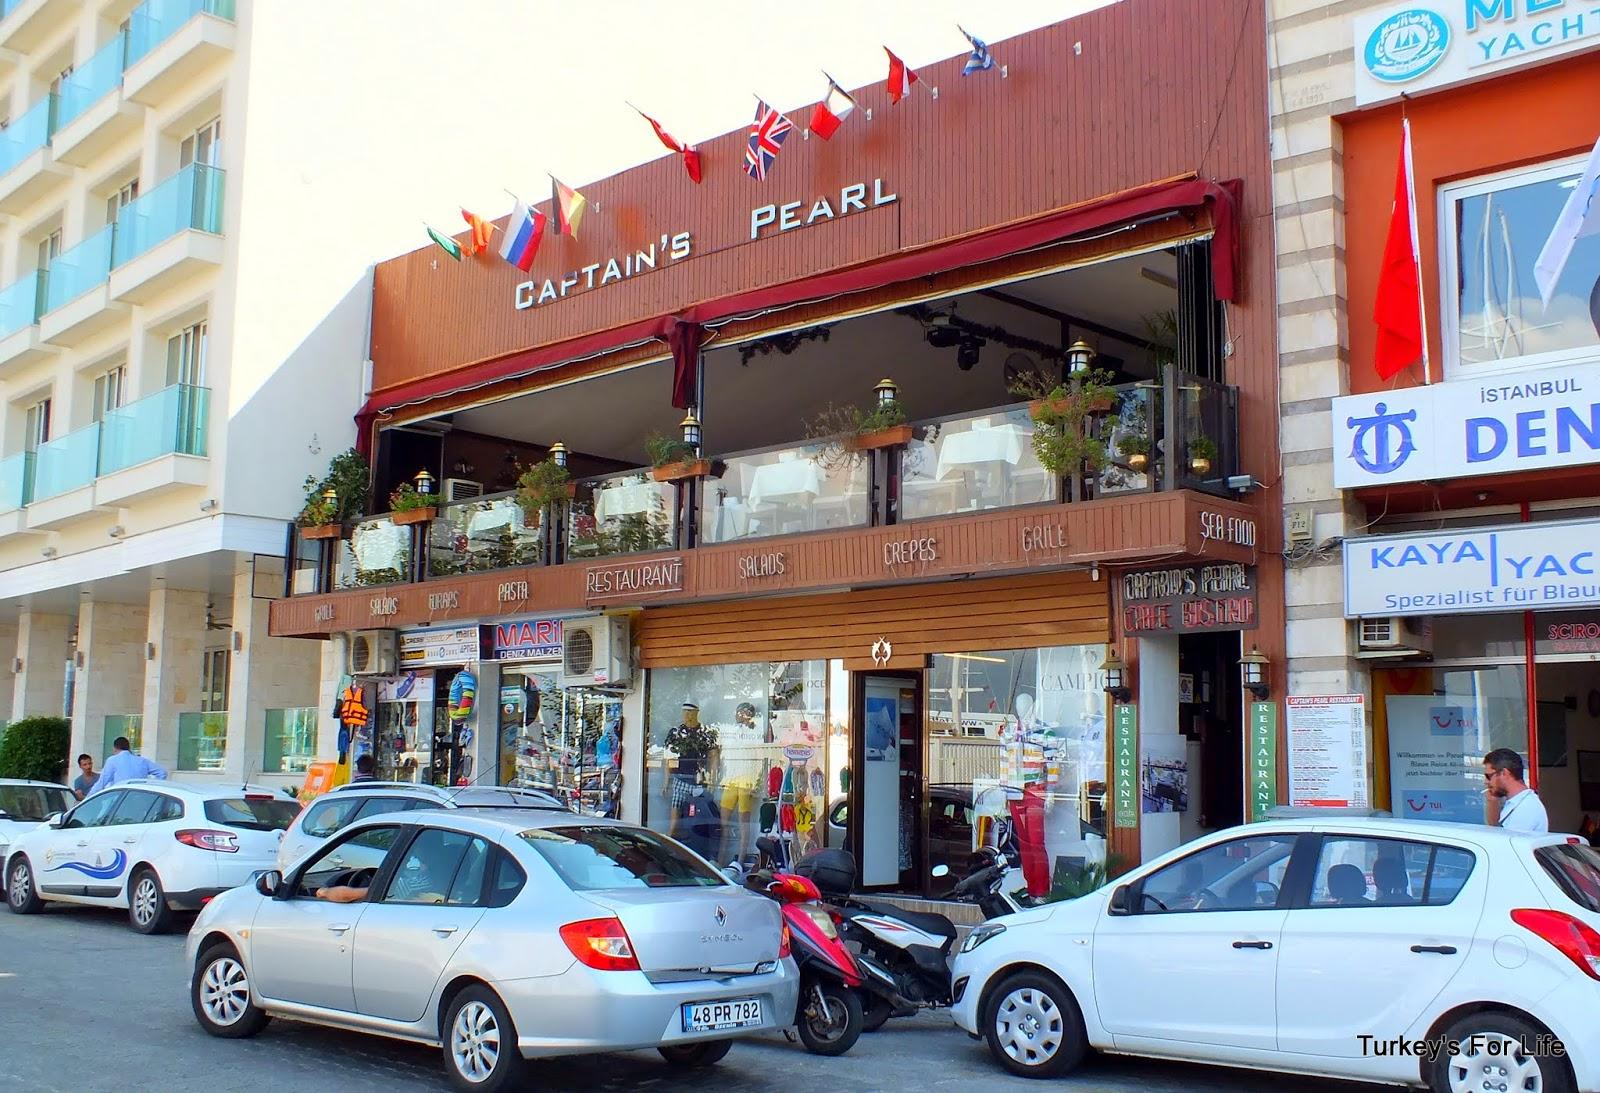 Captain's Pearl Restaurant, Fethiye, Turkey